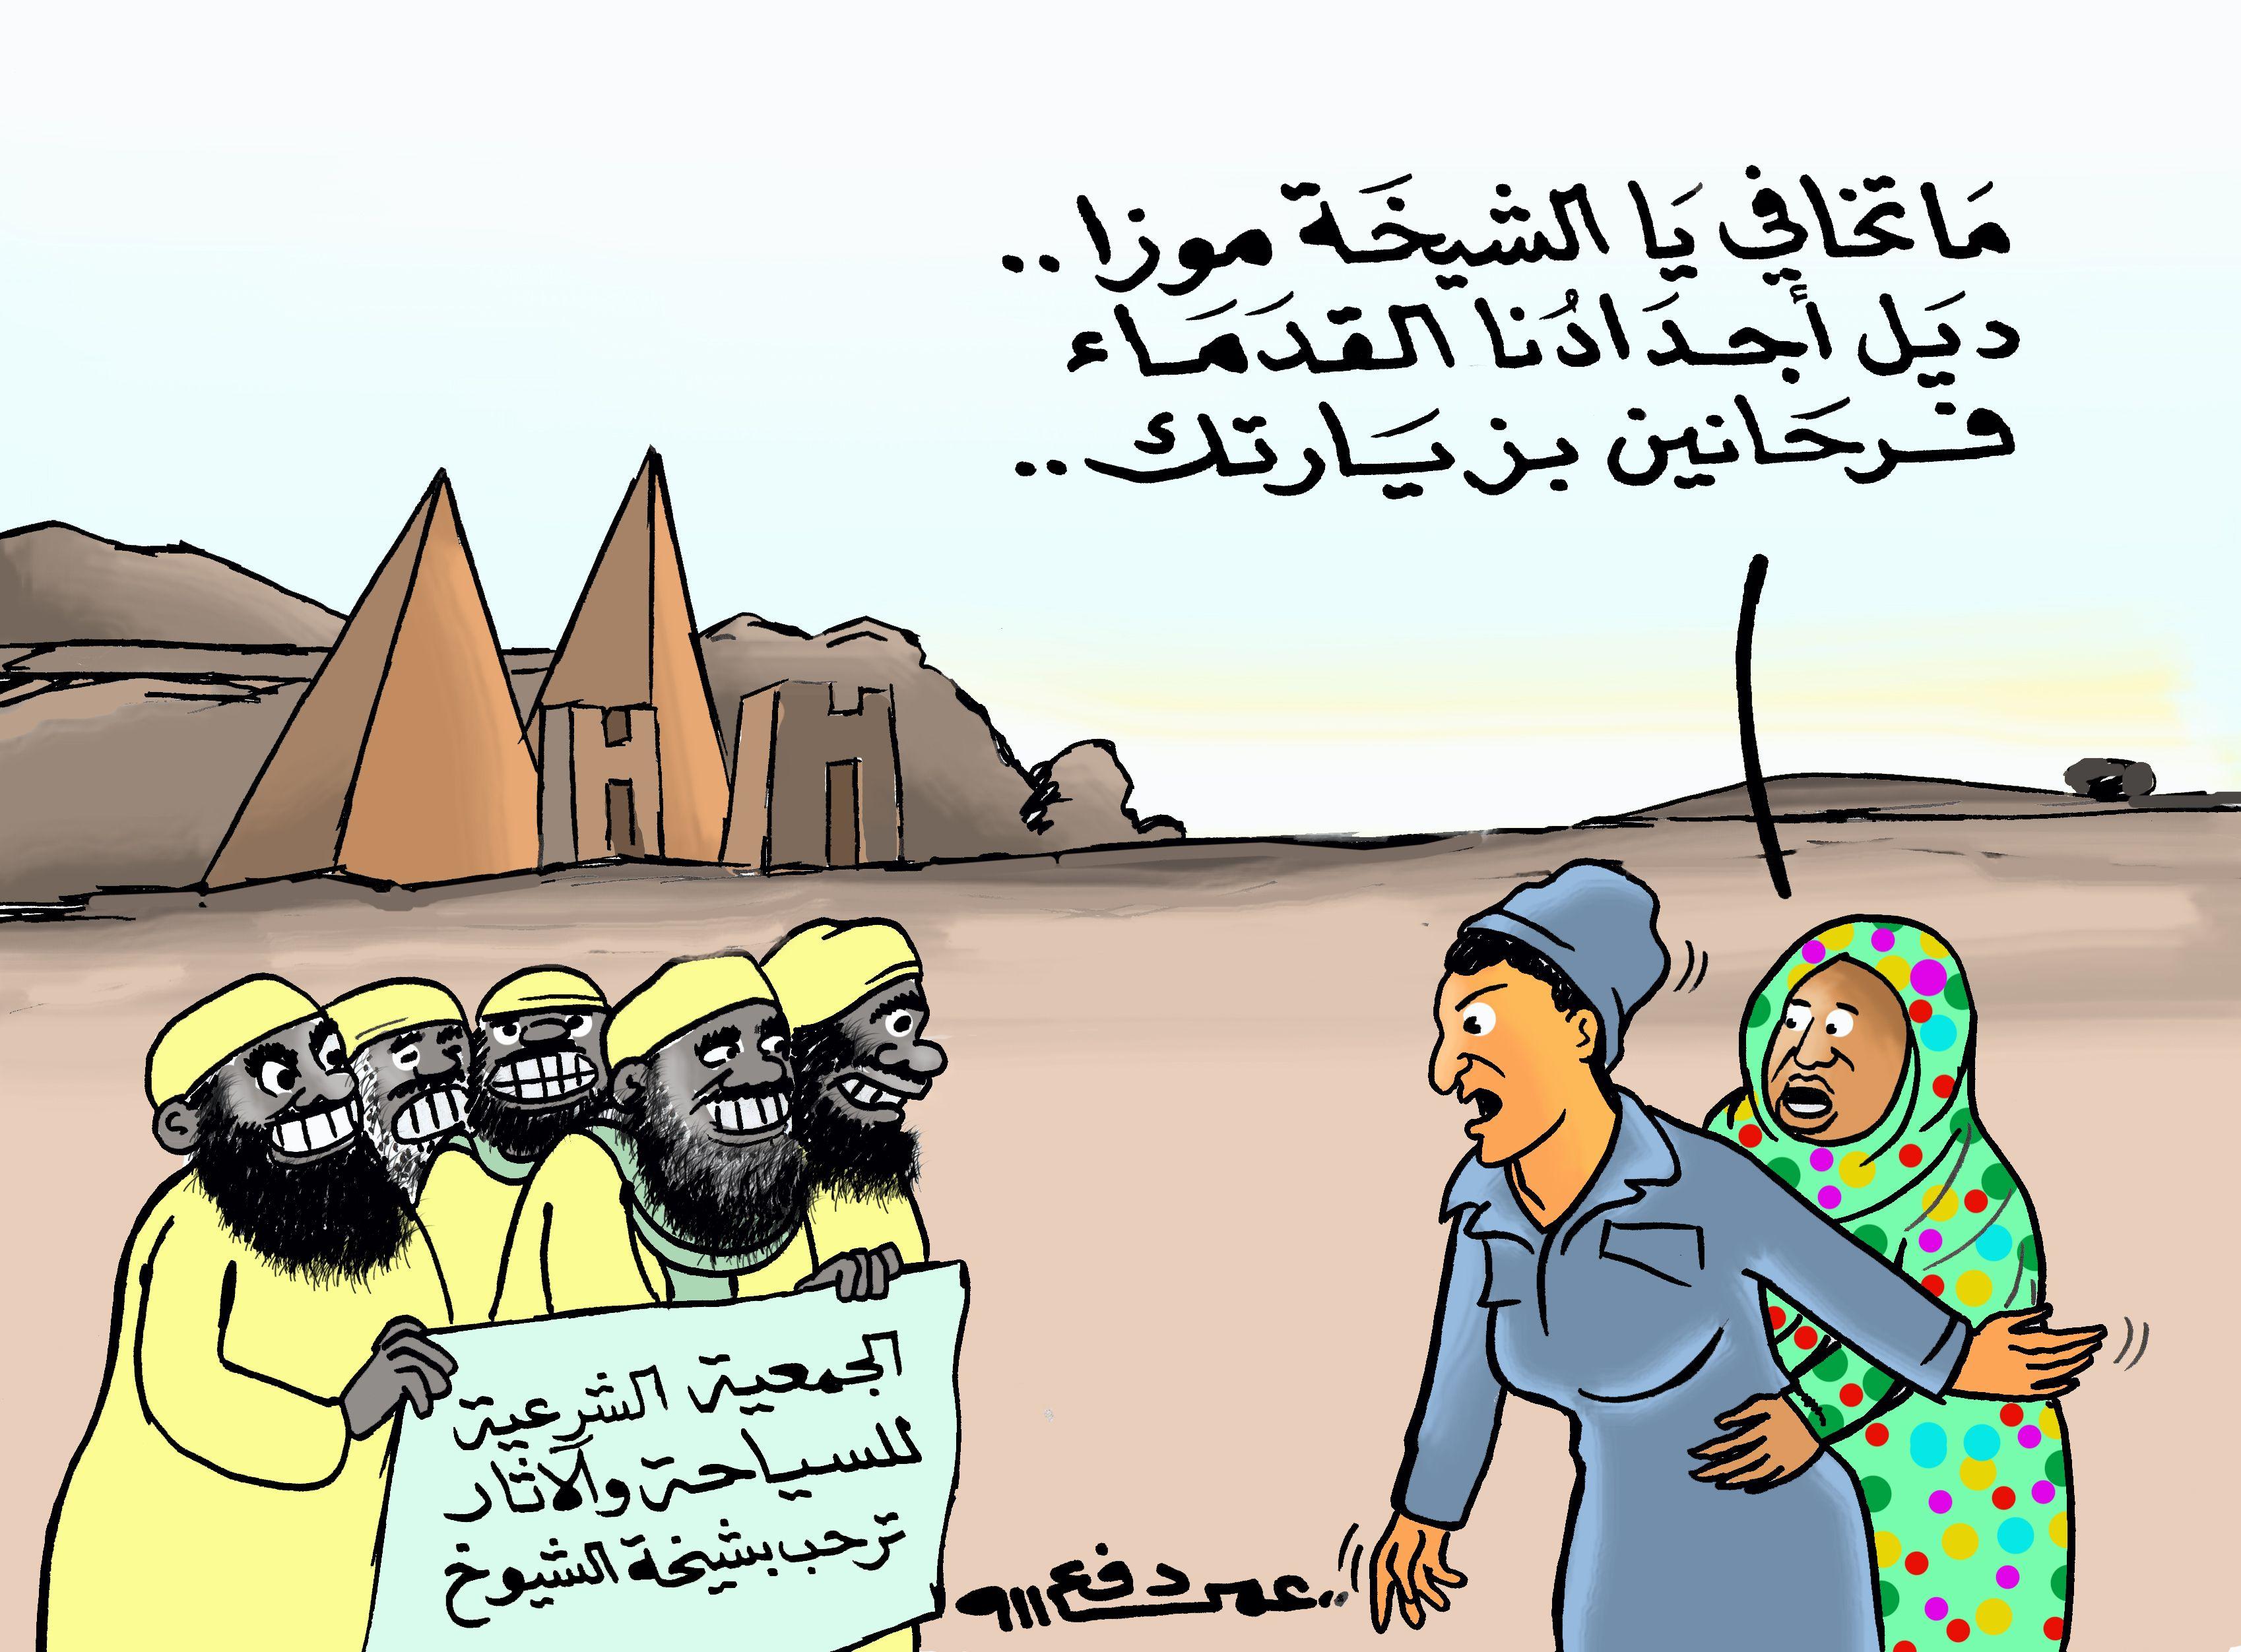 كاركاتير اليوم الموافق 16 مارس 2017 للفنان عمر دفع الله عن زيارة الشيخة موزا للاهرامات السودانية